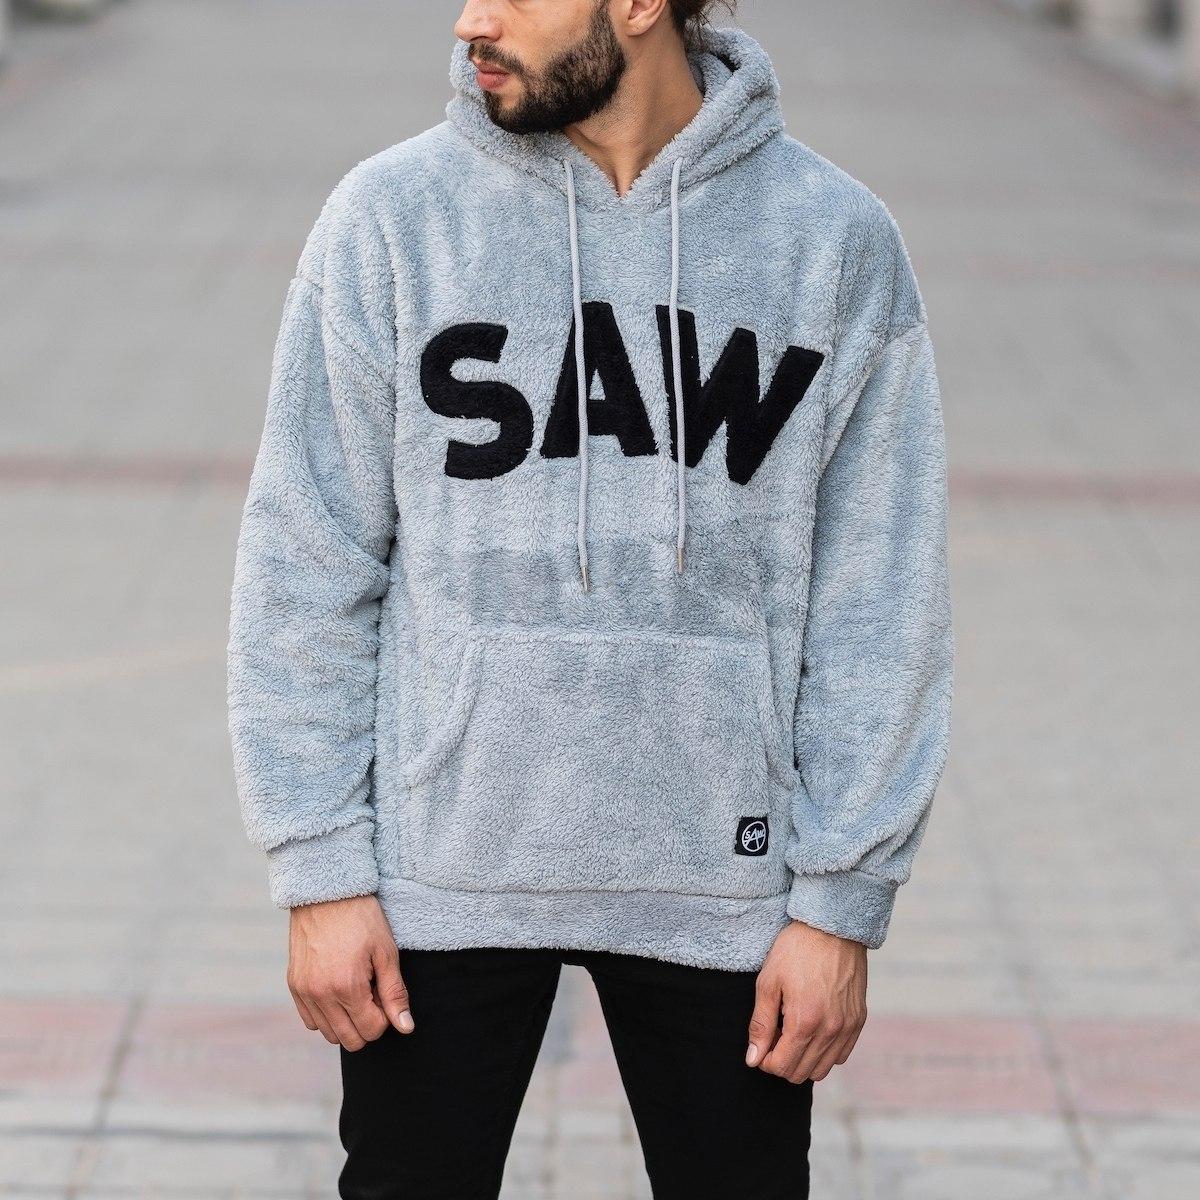 Saw Hooded Winter Hoodie in Grey Mv Premium Brand - 2